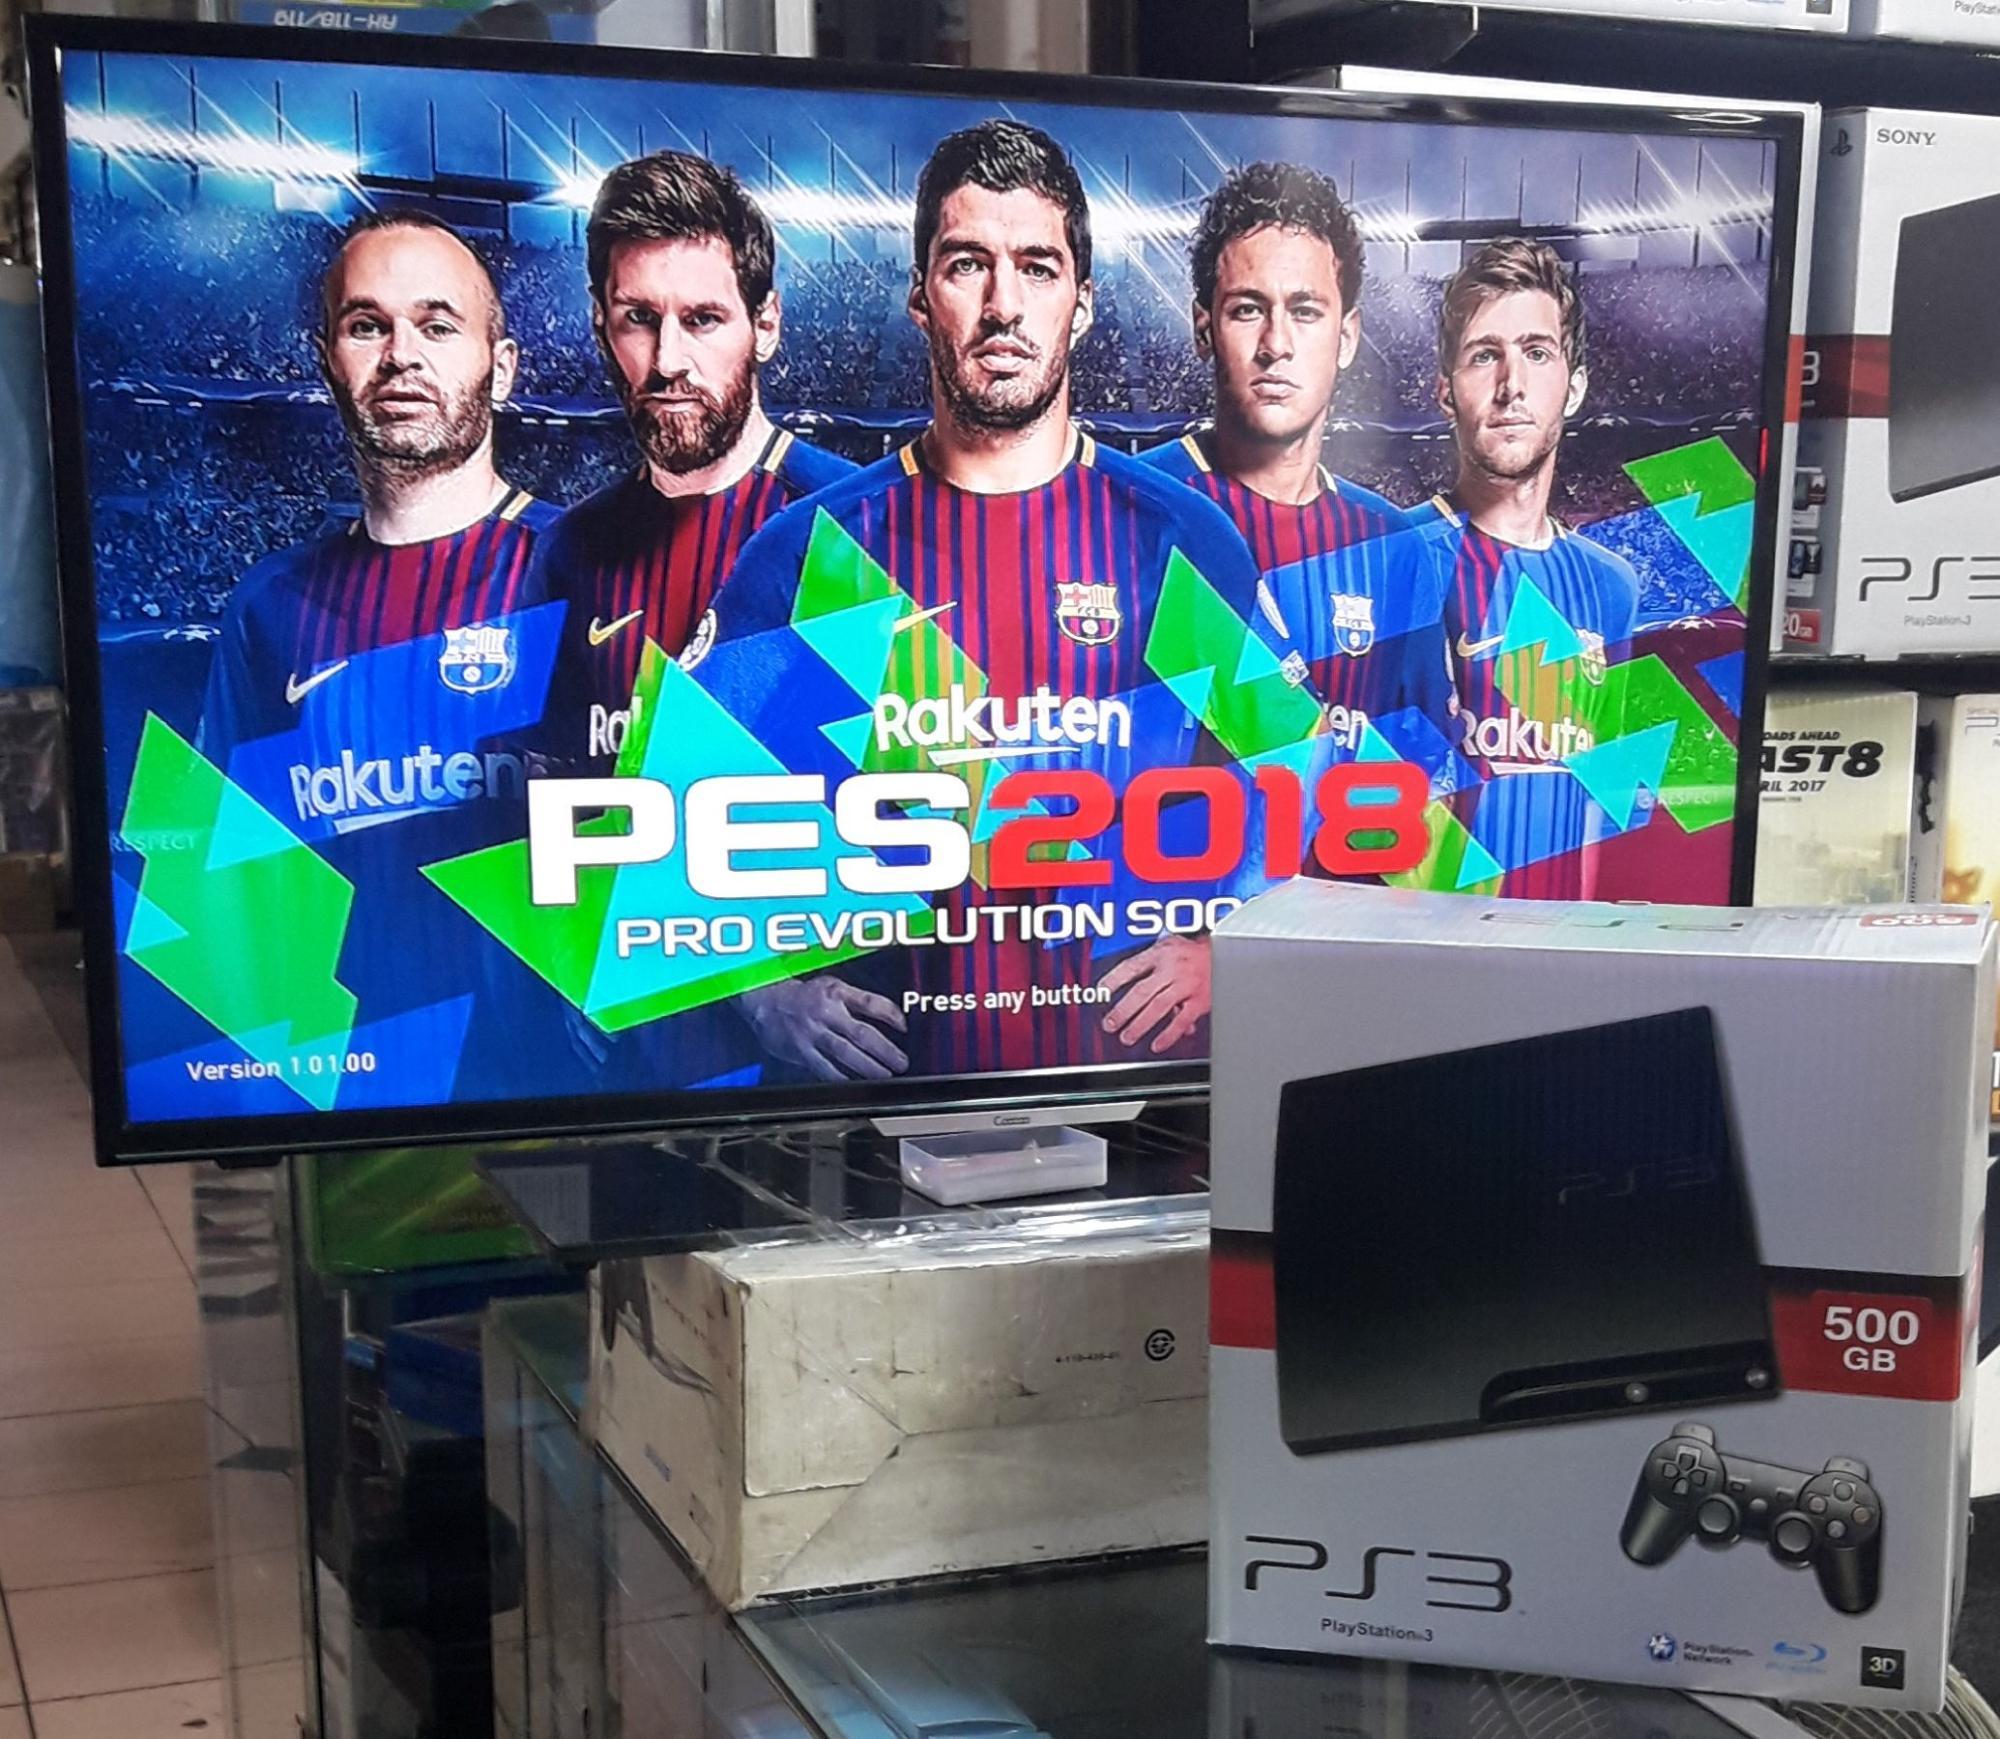 PS3 SLIM HARDISK 500GB, FREE GAME terbaru